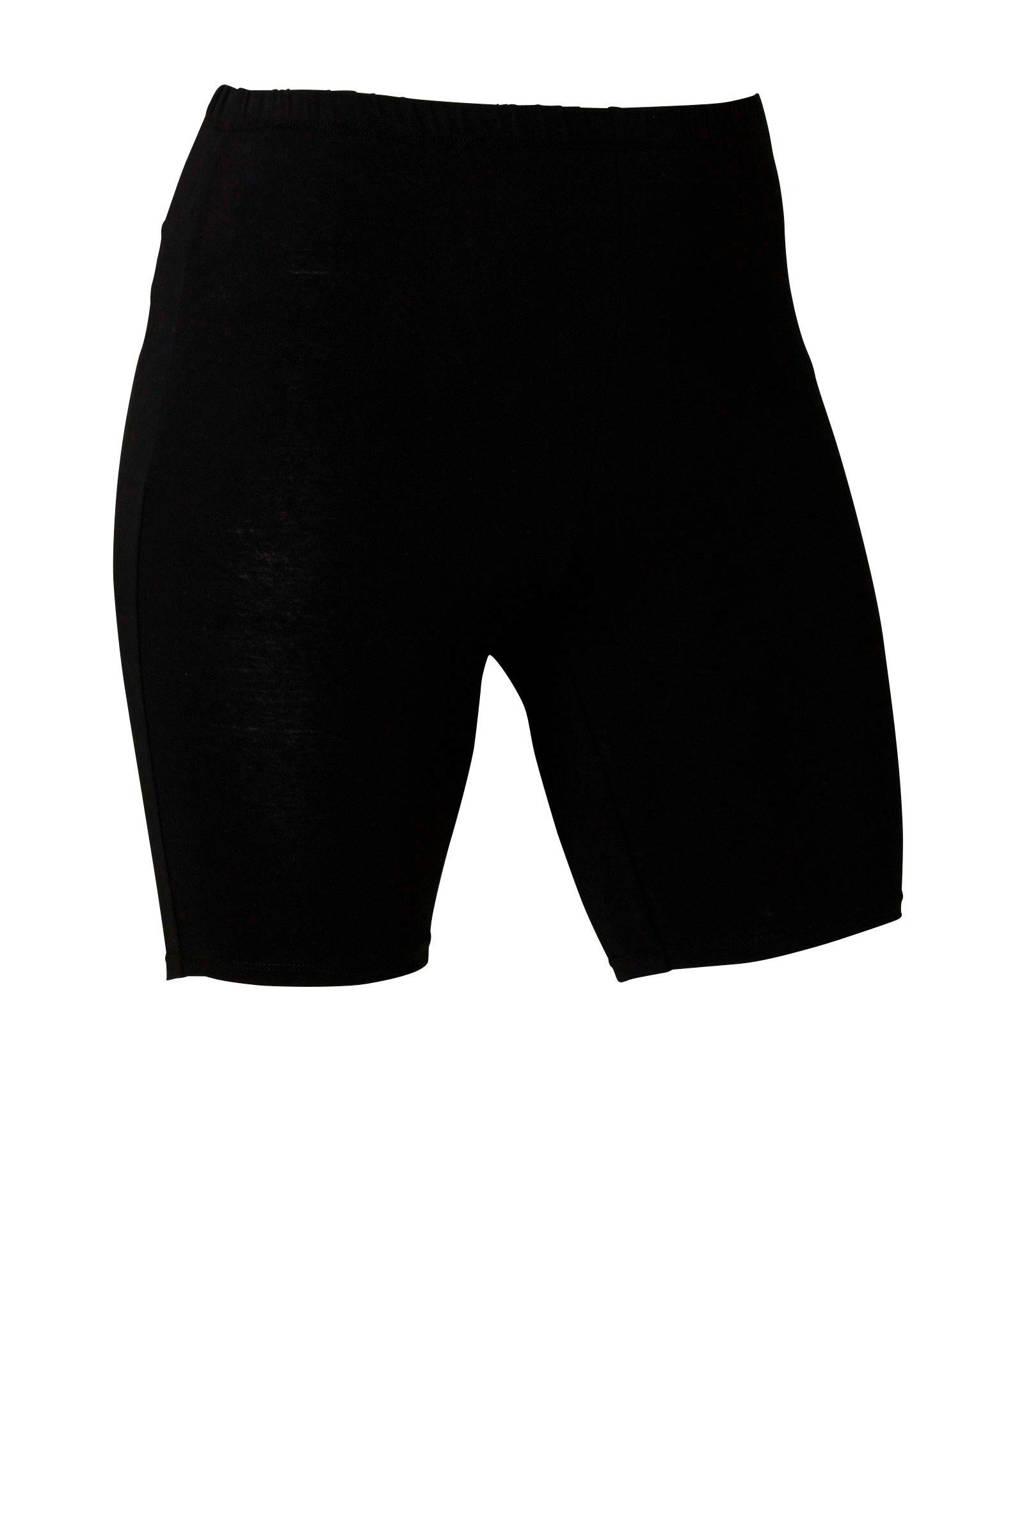 anytime korte legging, Zwart